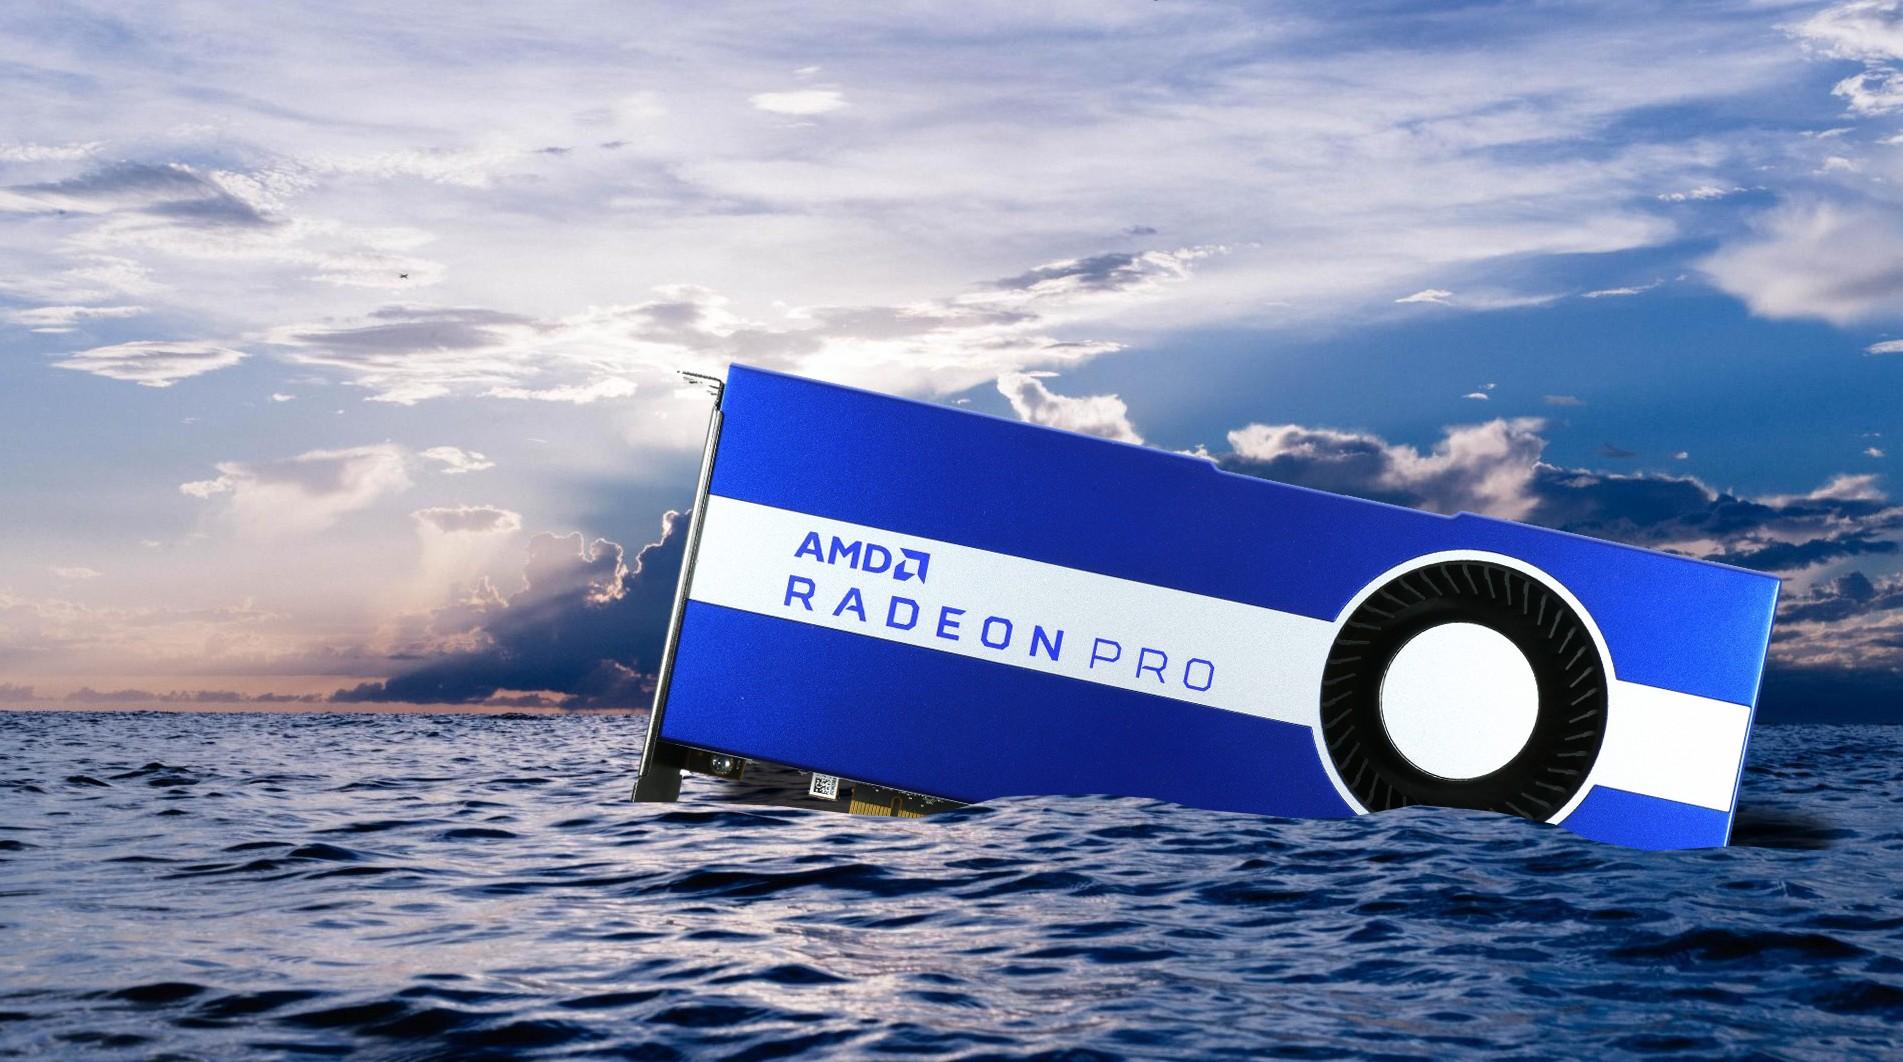 AMD Radeon Pro W5700 wassergekühlt und übertaktet - das Sinnvolle trifft auf das eigentlich Unmögliche, Übermut und Blasphemie